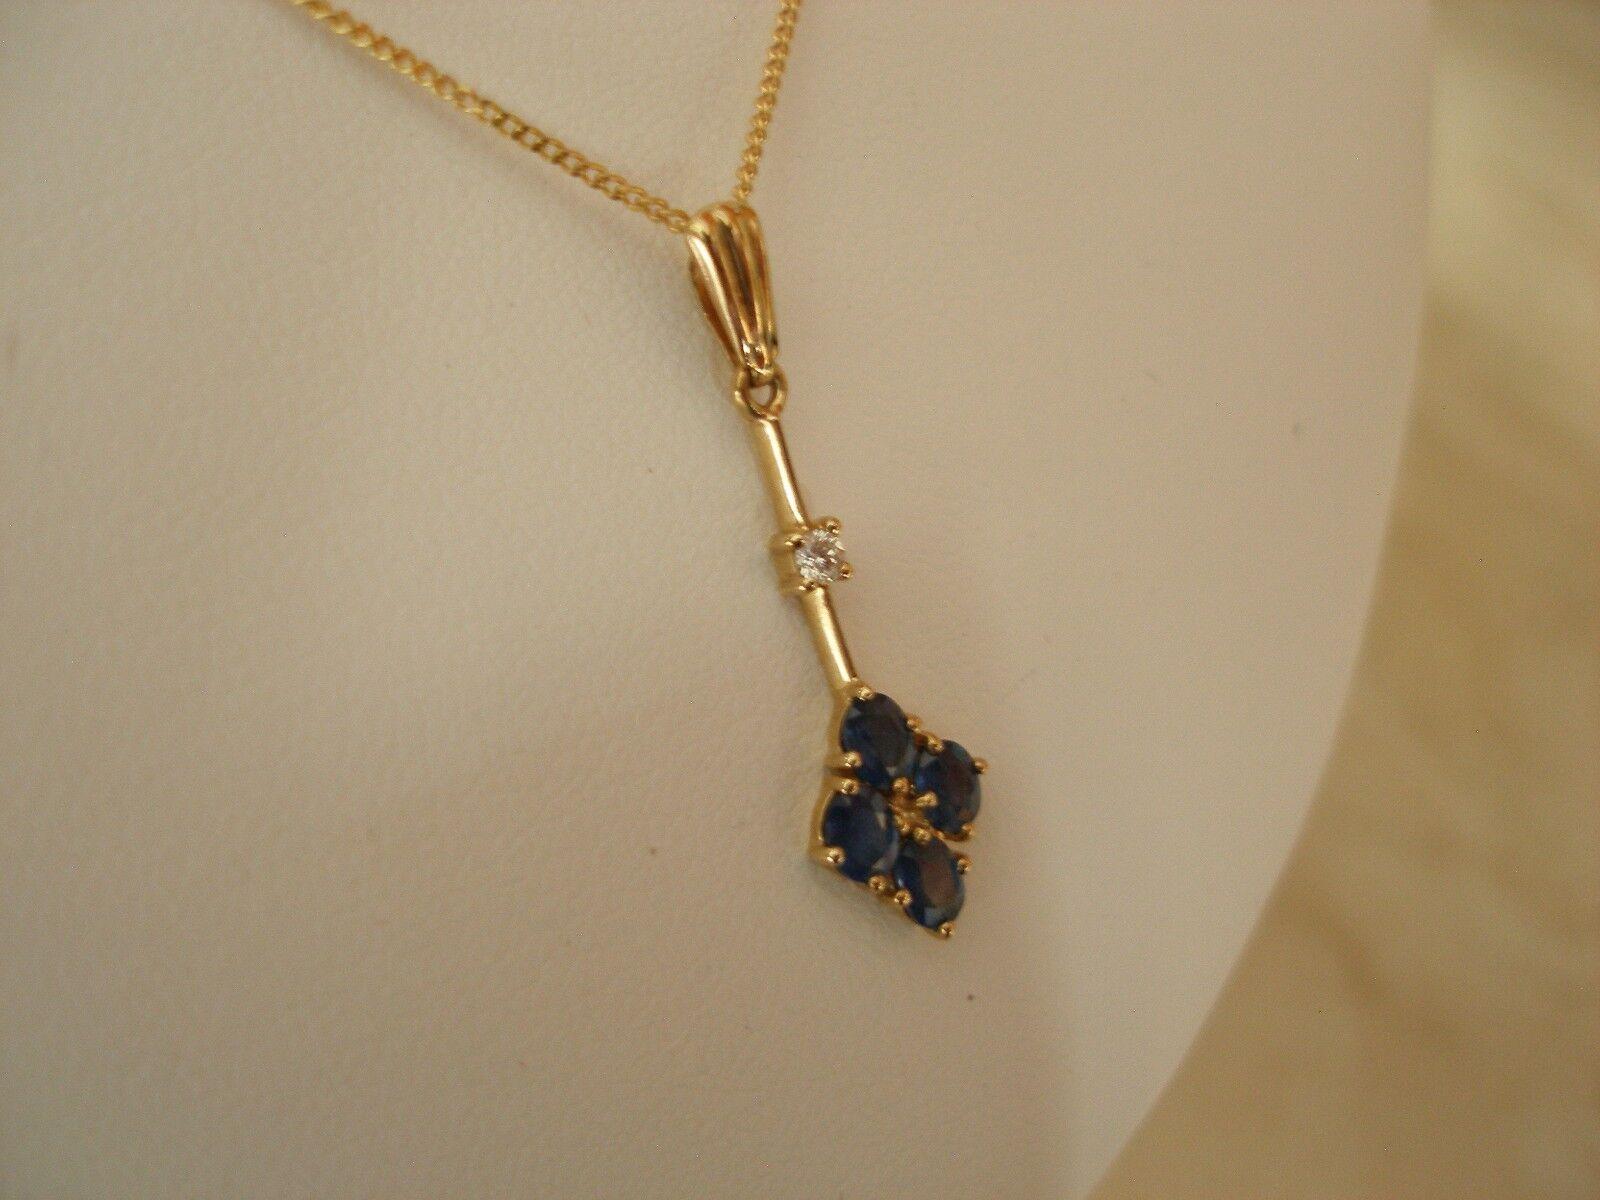 oro oro oro 9 Carati Zaffiro & Diamante Collana con pendente a goccia Made in UK & ITALIA BELLA 2342a7